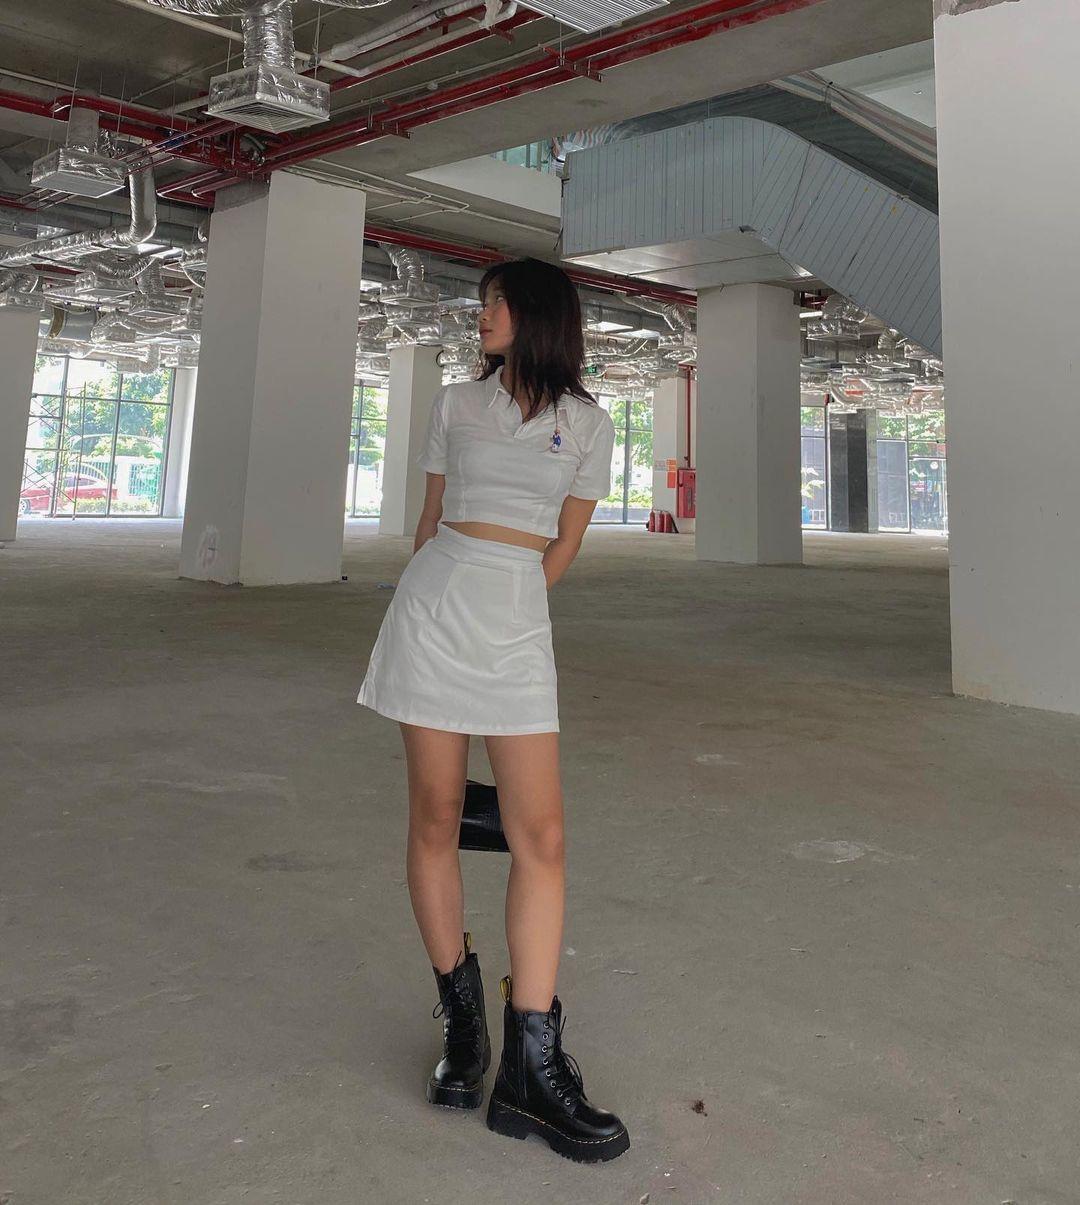 Insta look Gen Z tuần qua: Có nàng diện cả bra ra đường, màu trắng năm nay thành hot trend hay sao? - ảnh 24